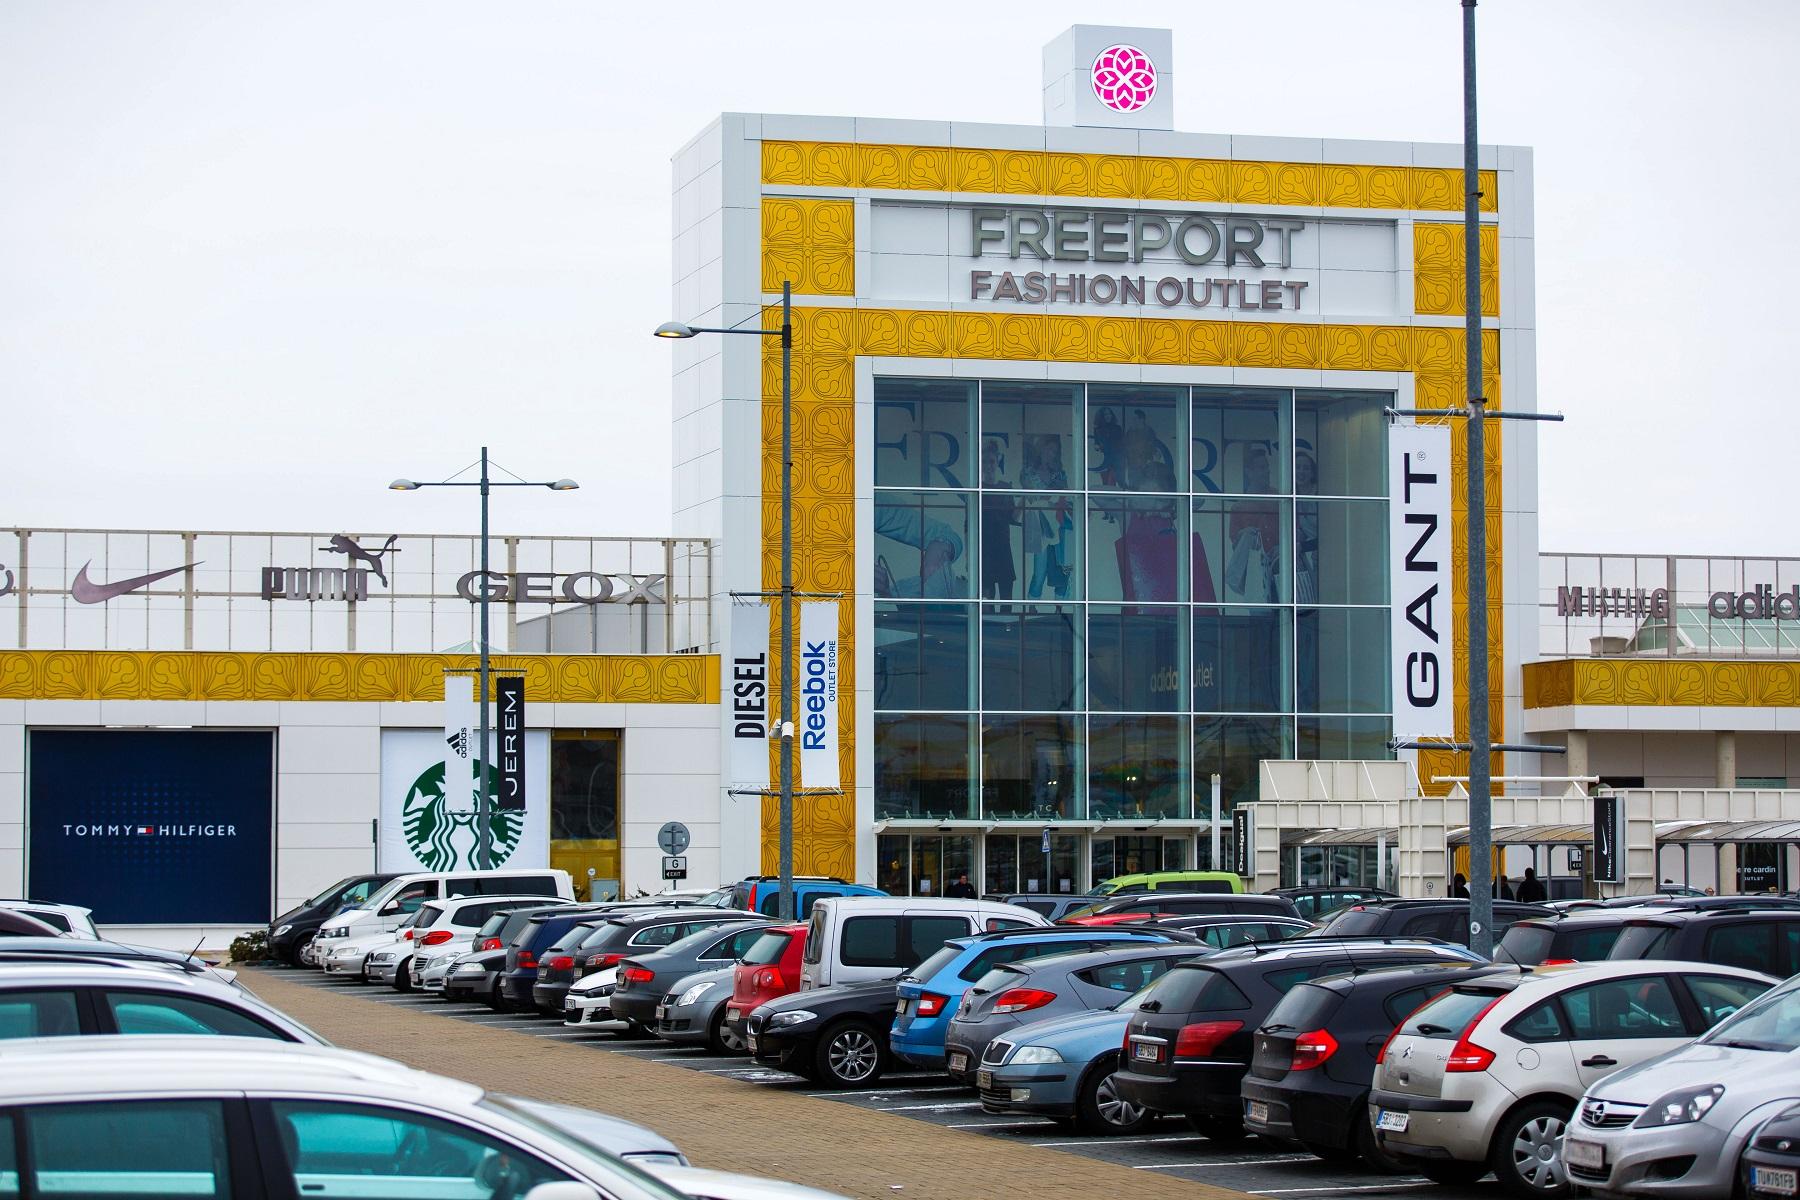 dd21ee6cd67 Nákupní centrum Freeport Fashion Outlet v loňském roce opět pokračovalo ve  svém růstu